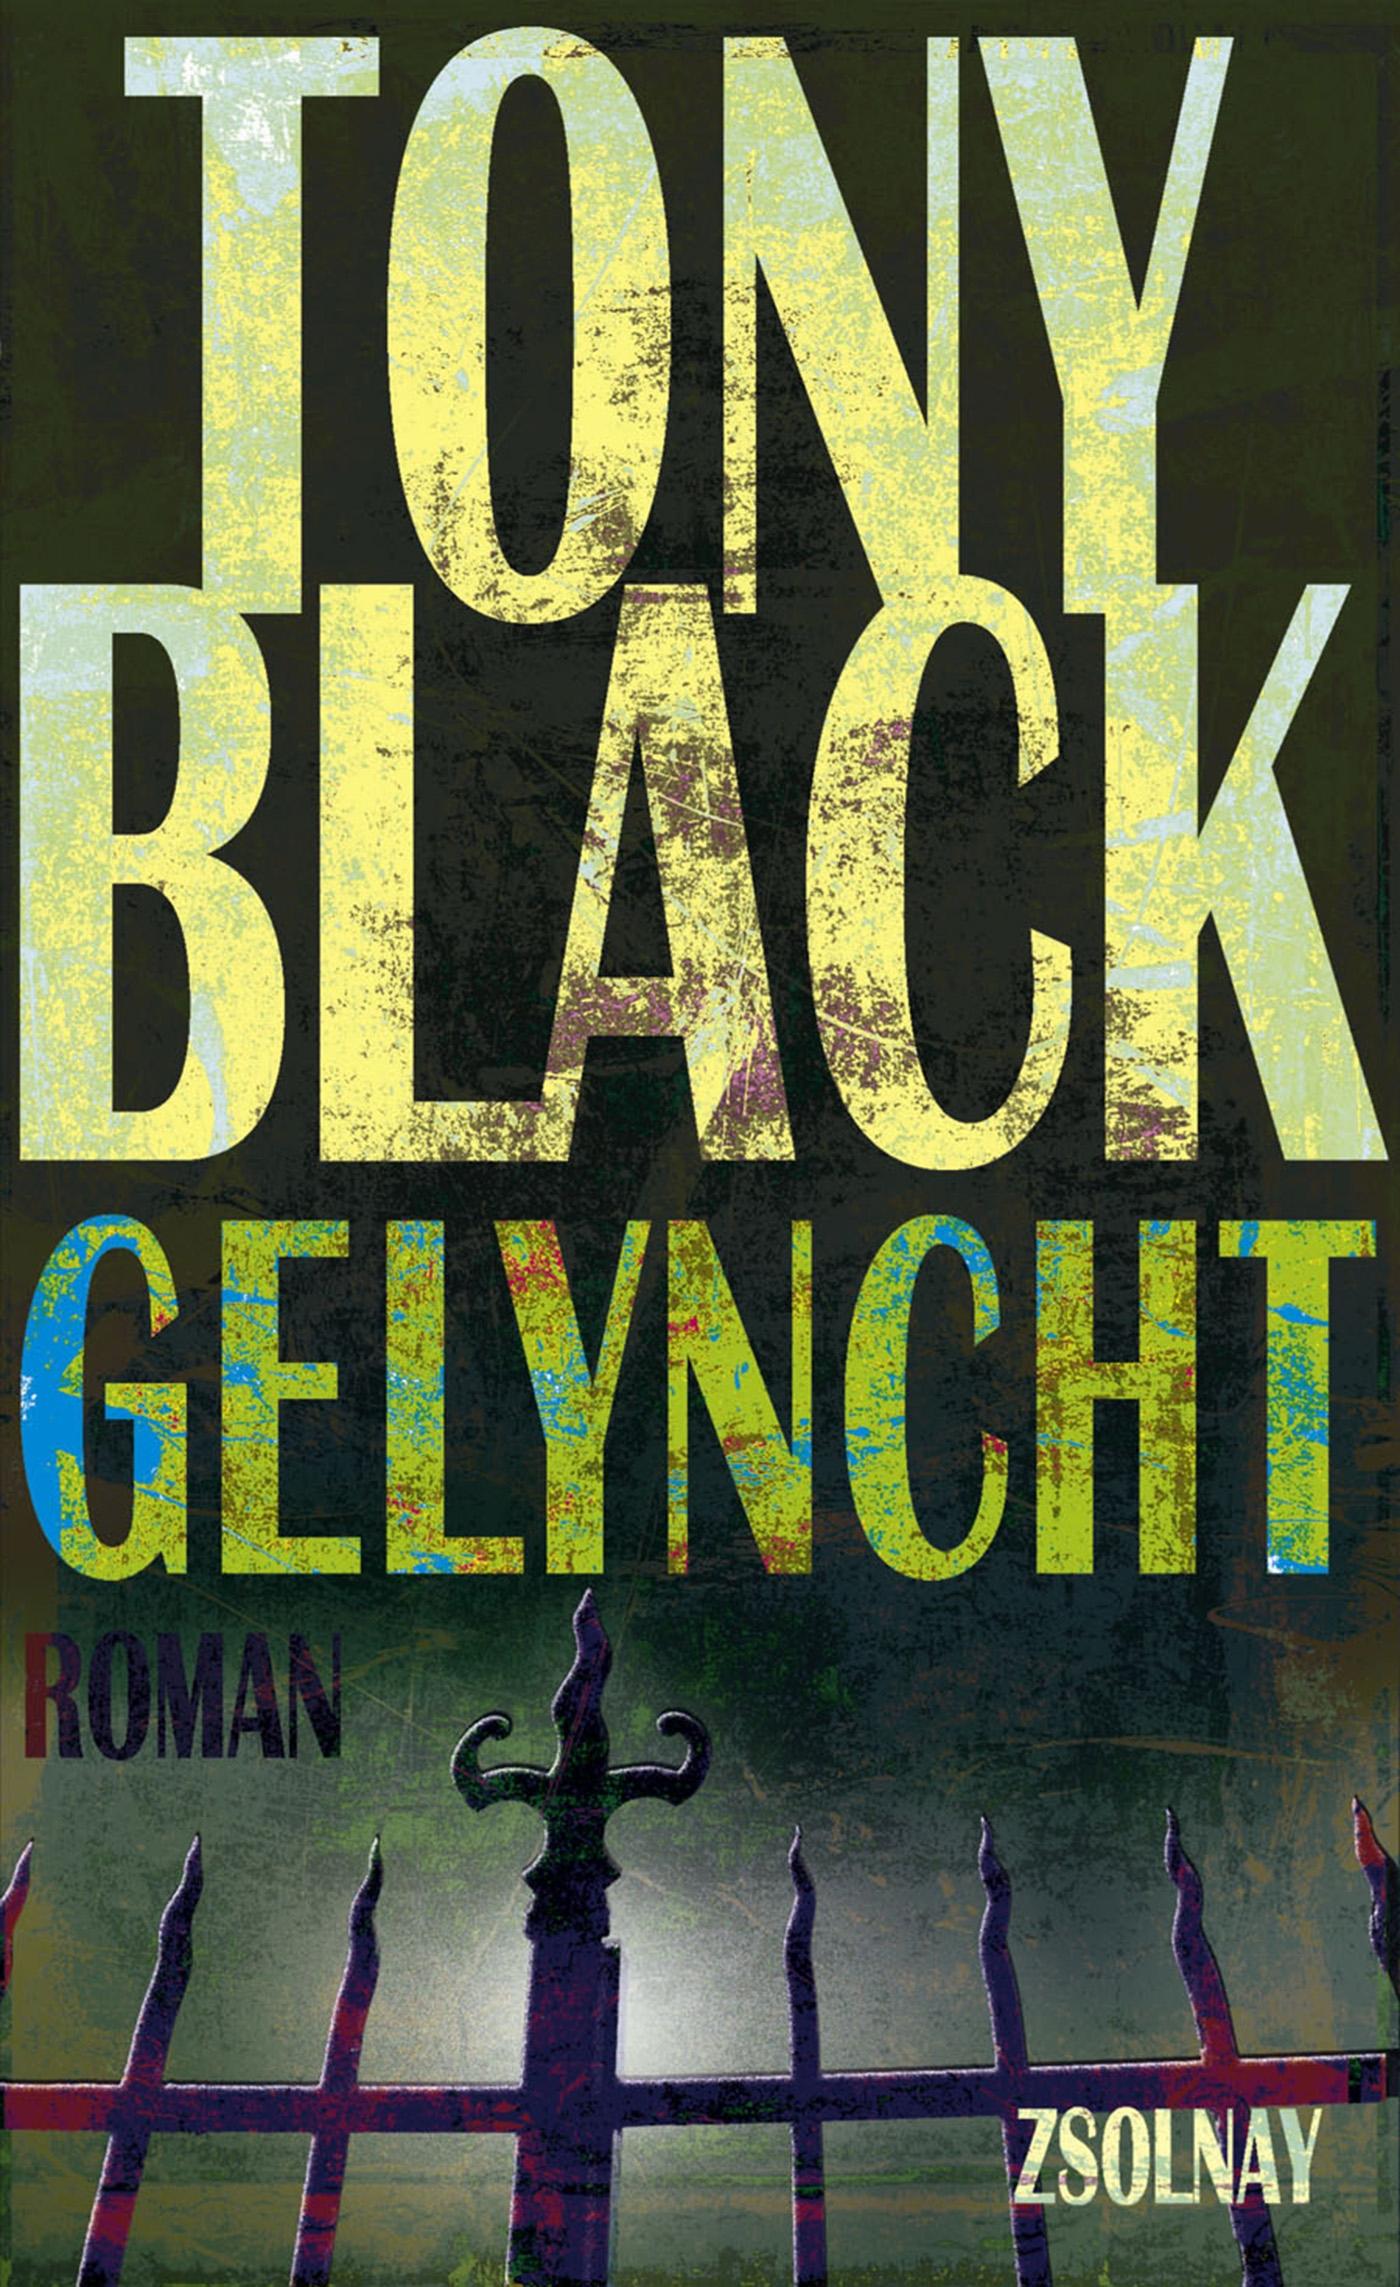 Gelyncht